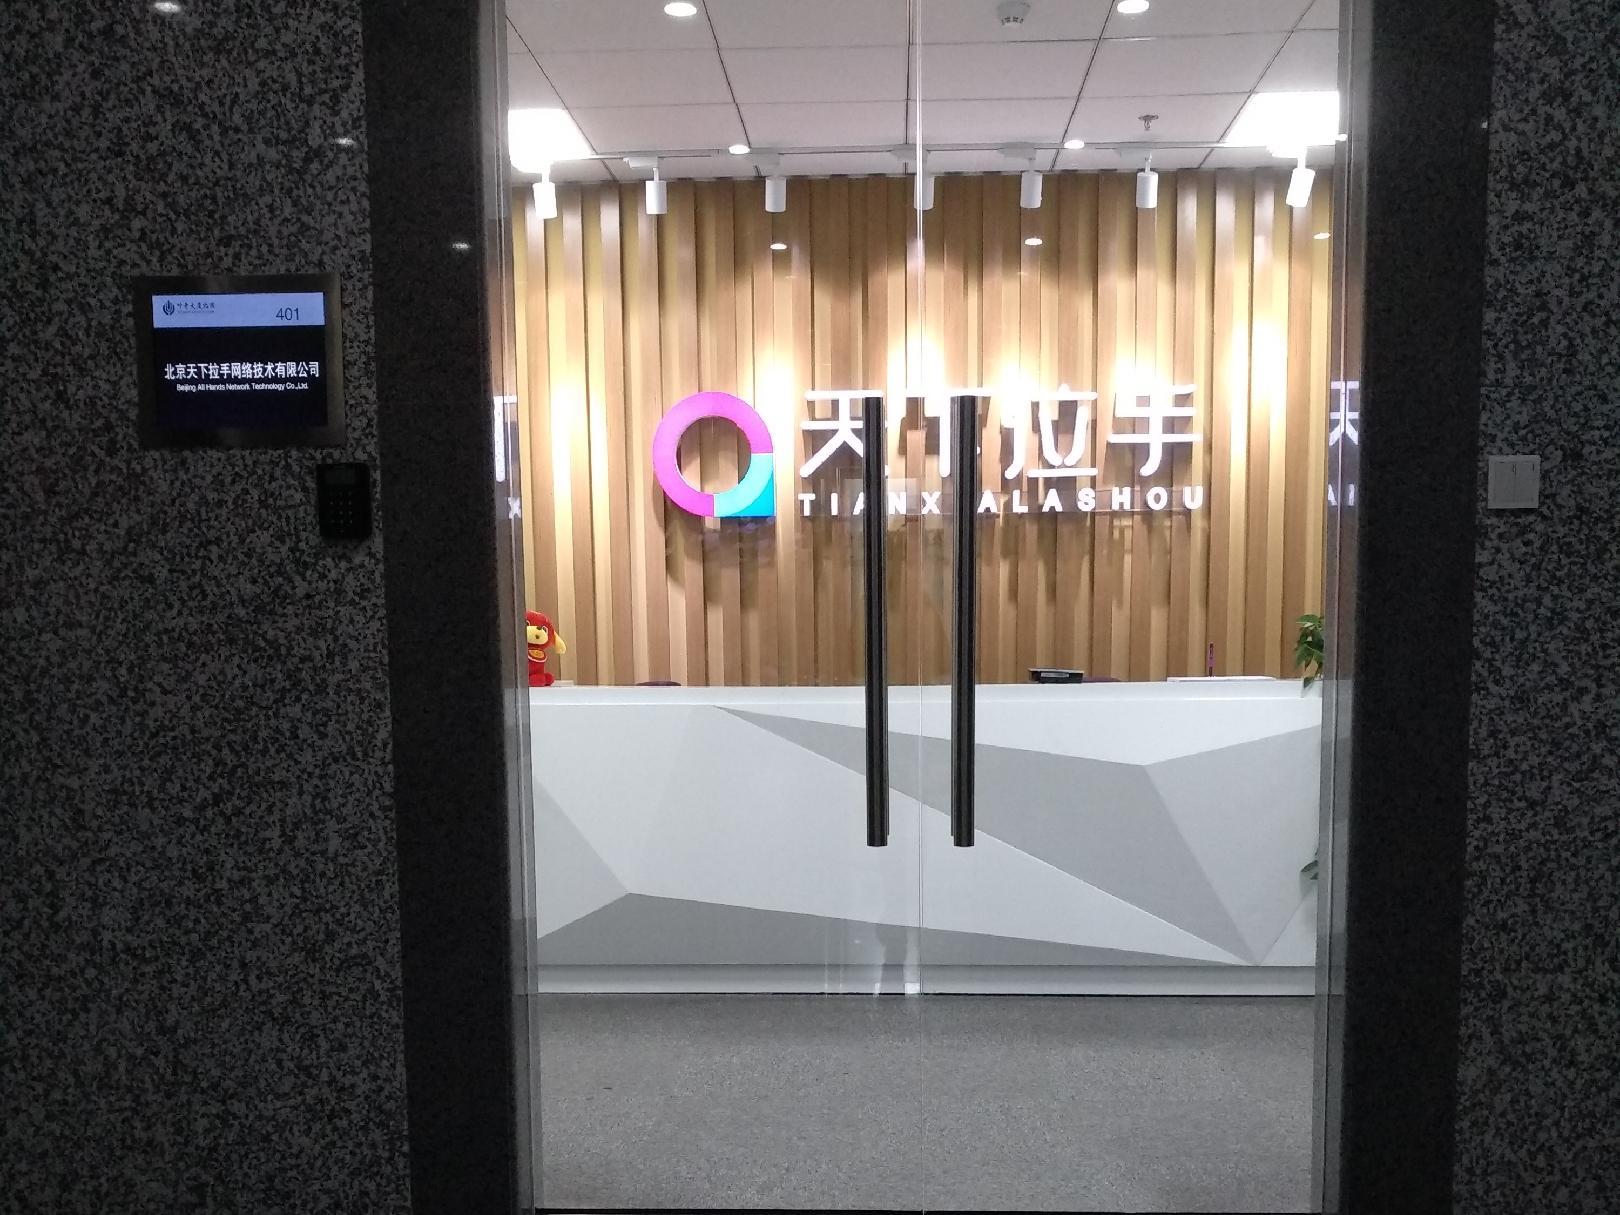 拉手网拖欠工资裁员倒闭:从团购第一到悲情落幕